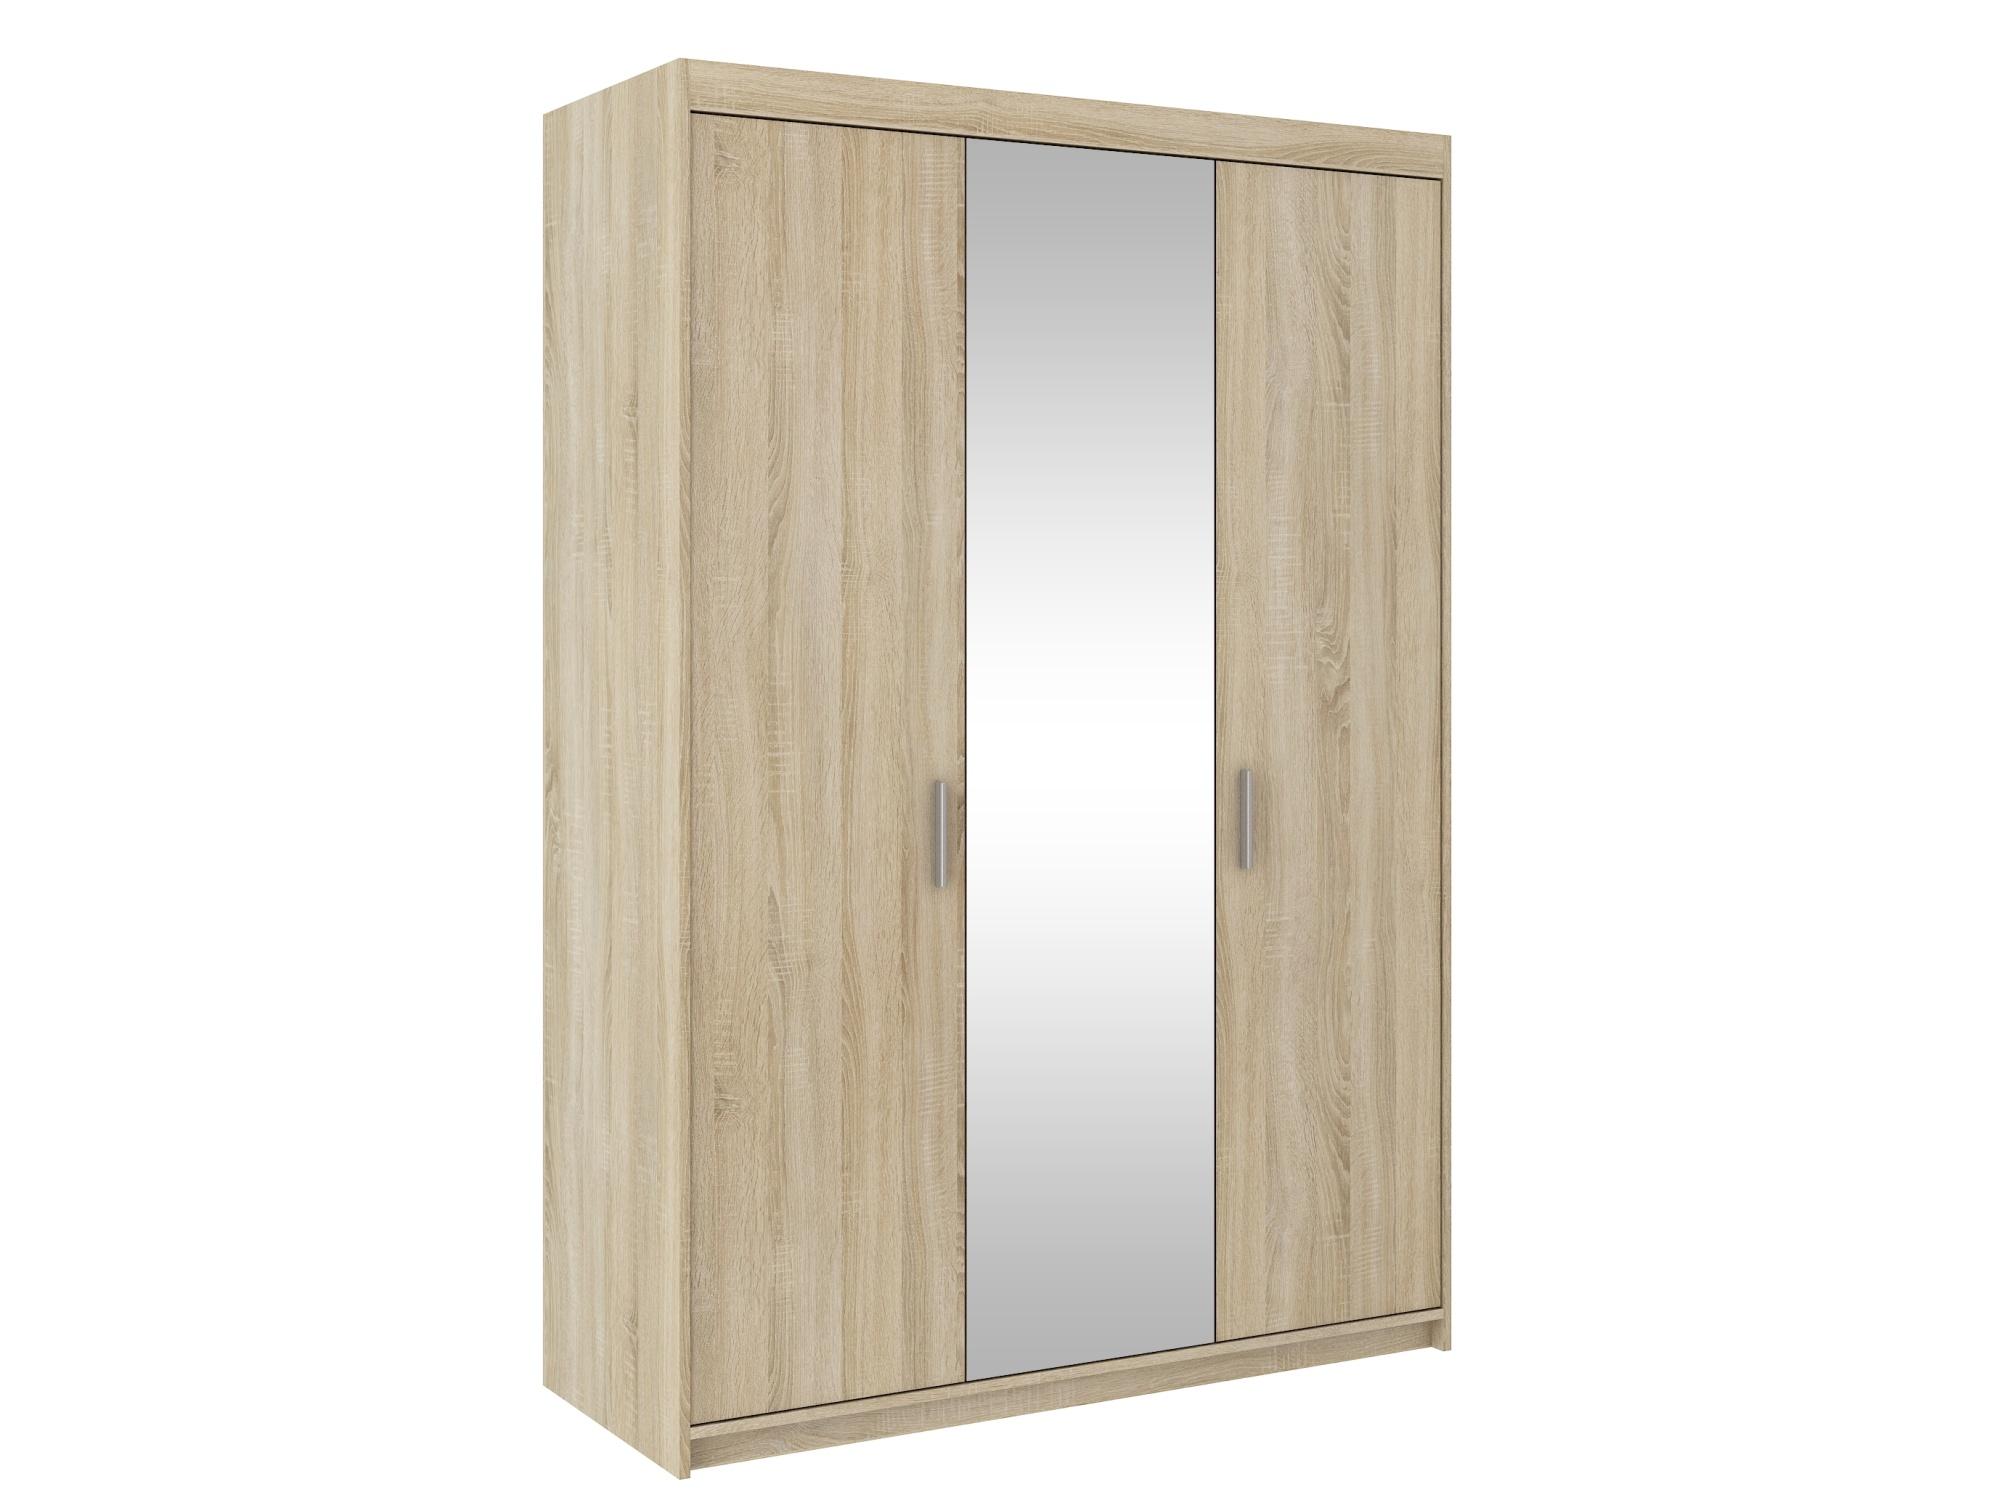 Skříň TEKEN 3D se zrcadlem, dub sonoma